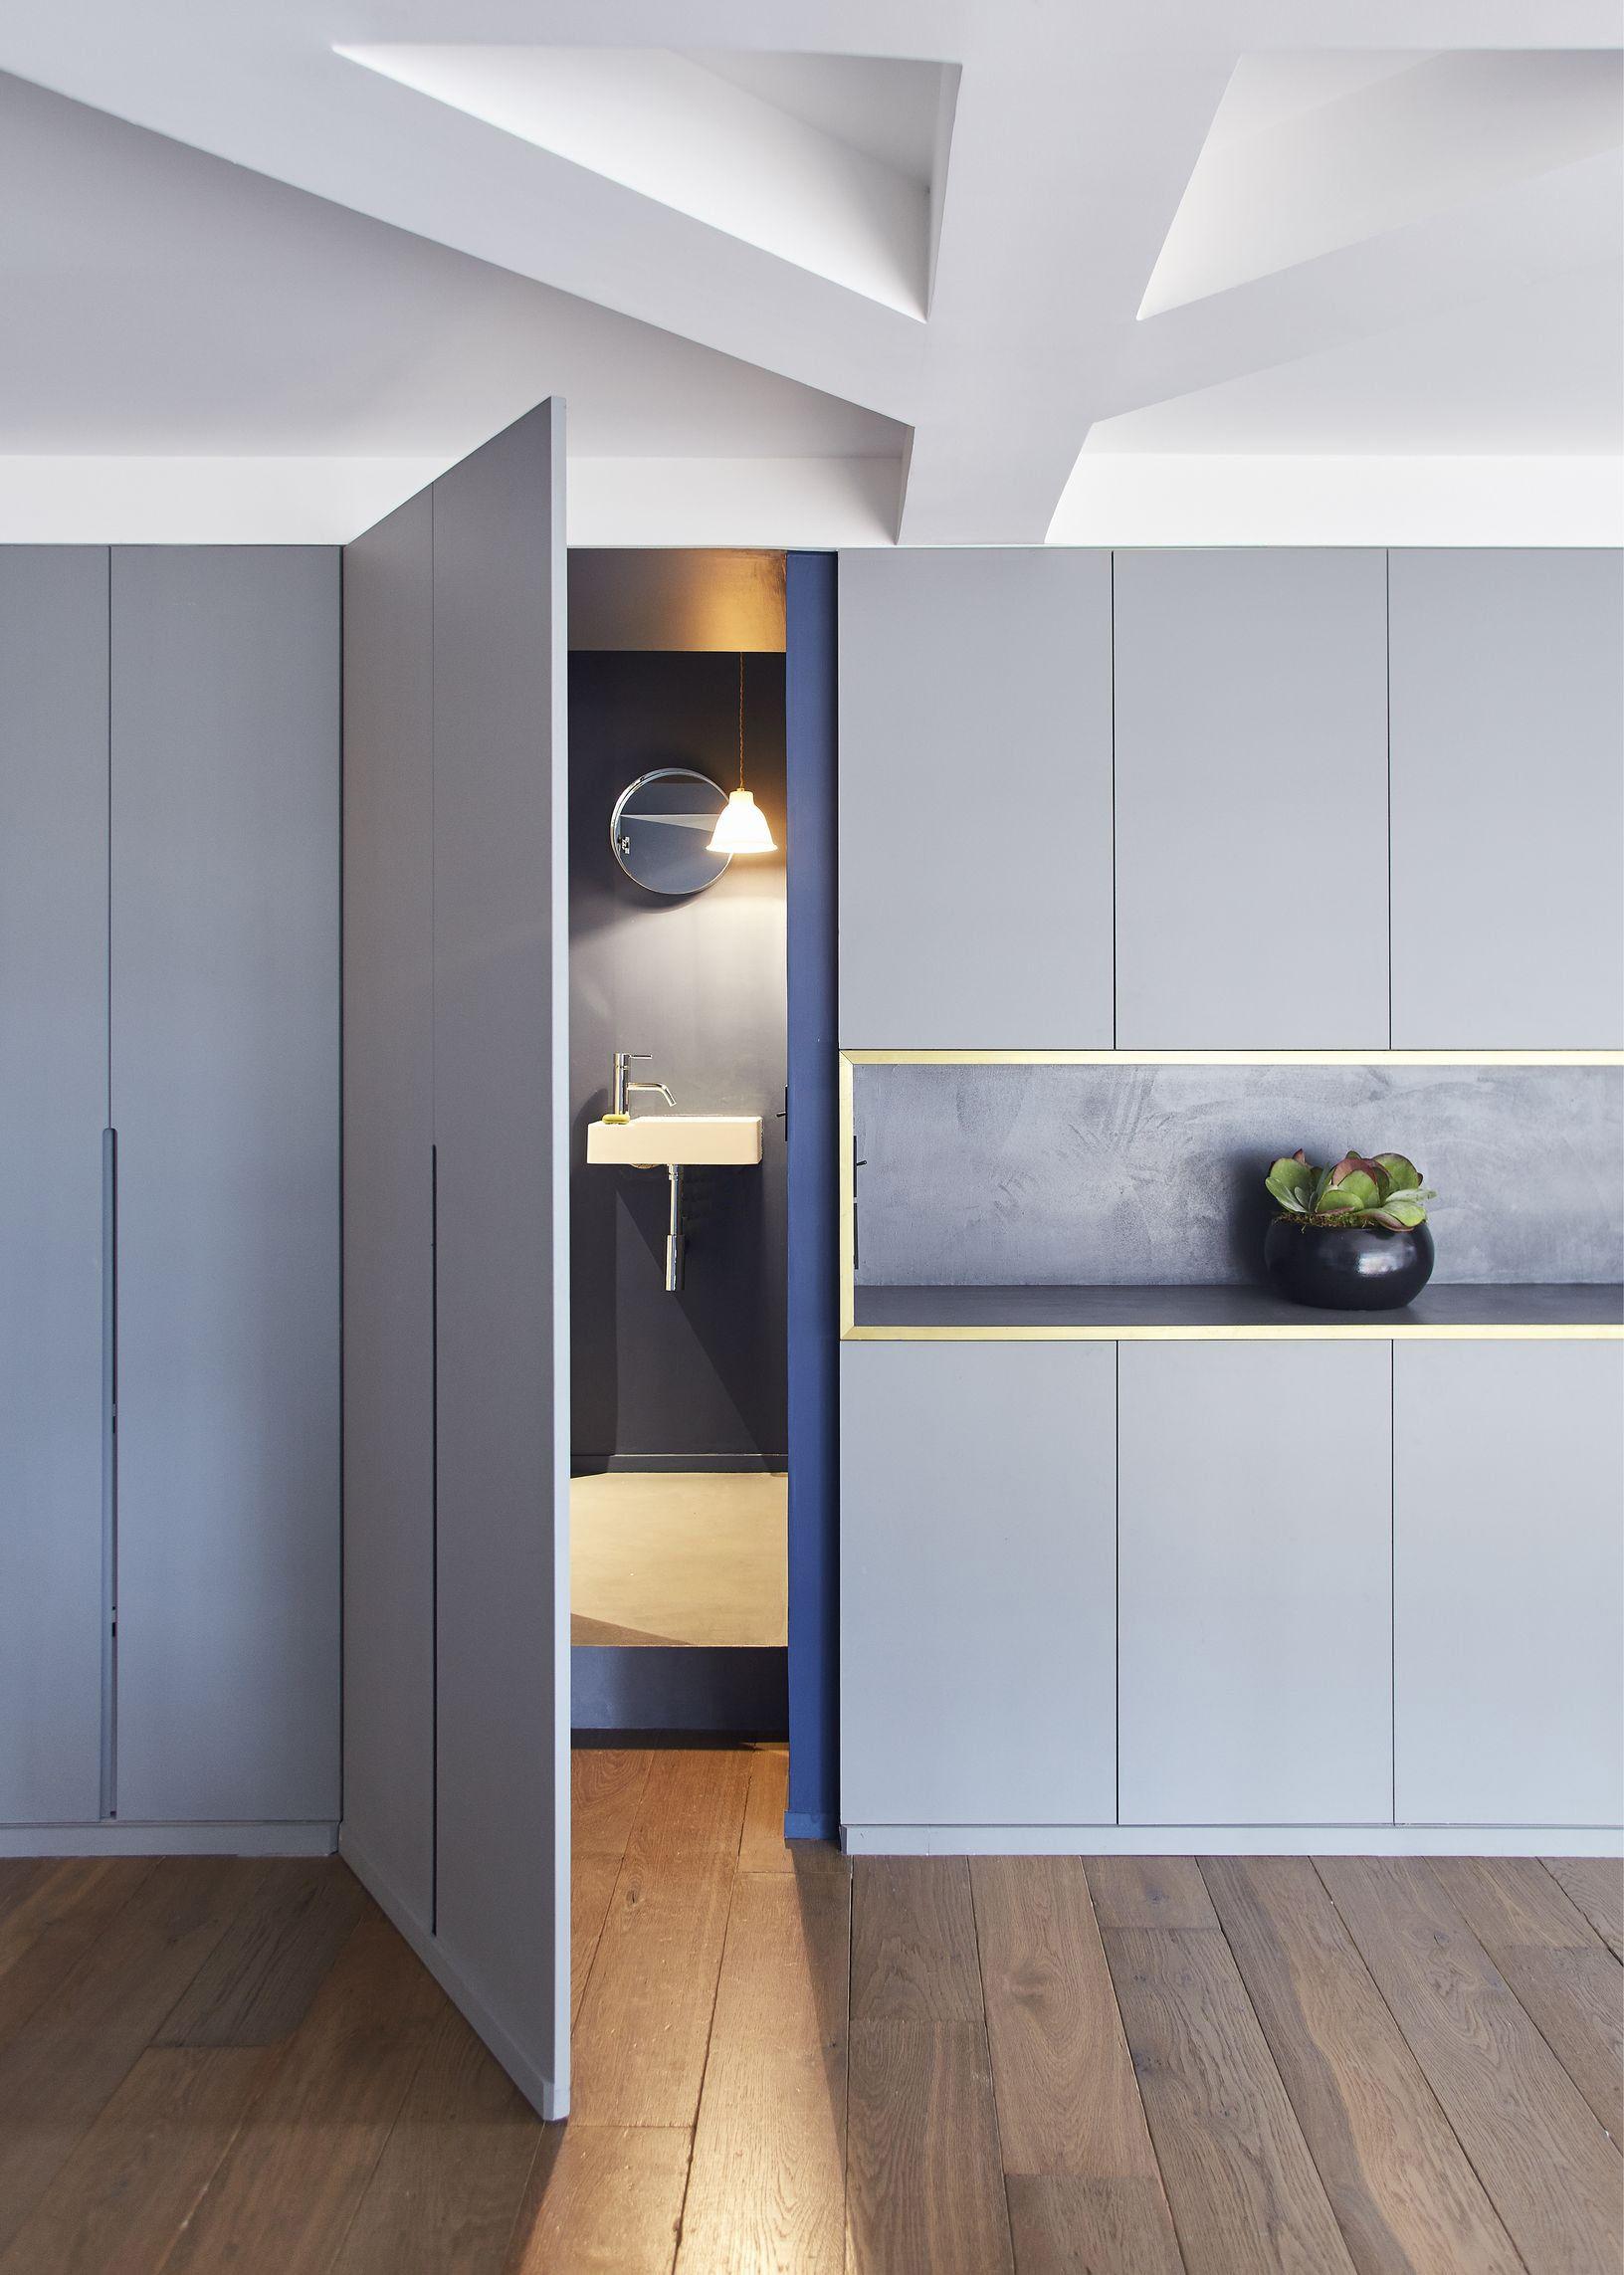 salle de bain cach e dans un meuble appartement parisien de 193 m2 gcg architectes. Black Bedroom Furniture Sets. Home Design Ideas